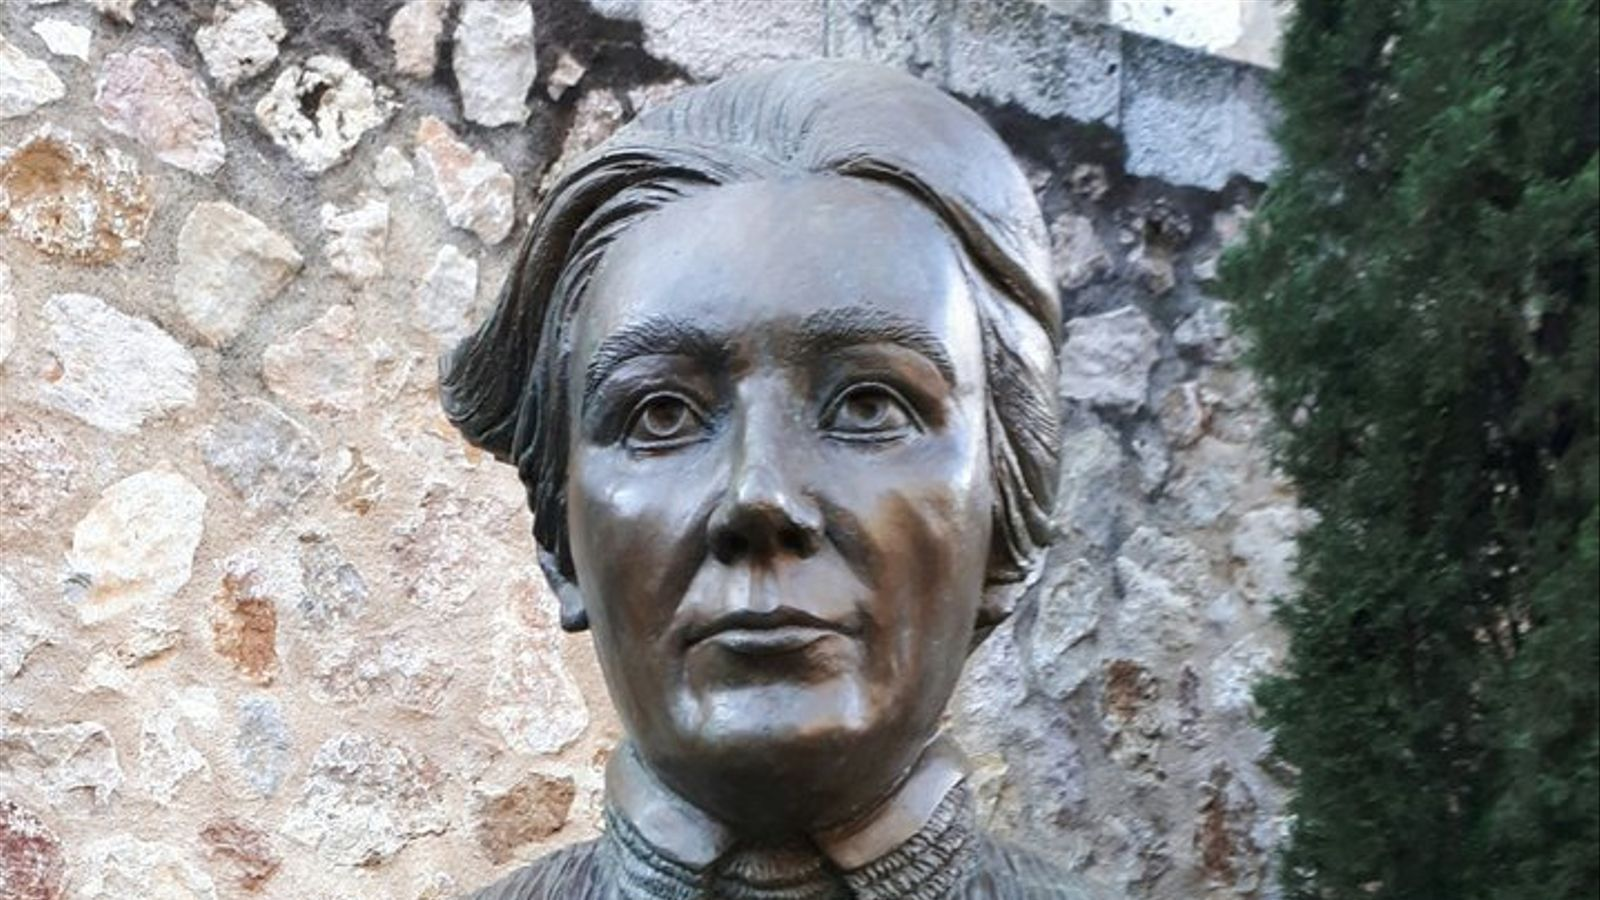 El bust de Clara Hammerl, obra de Georgina Gamundí.